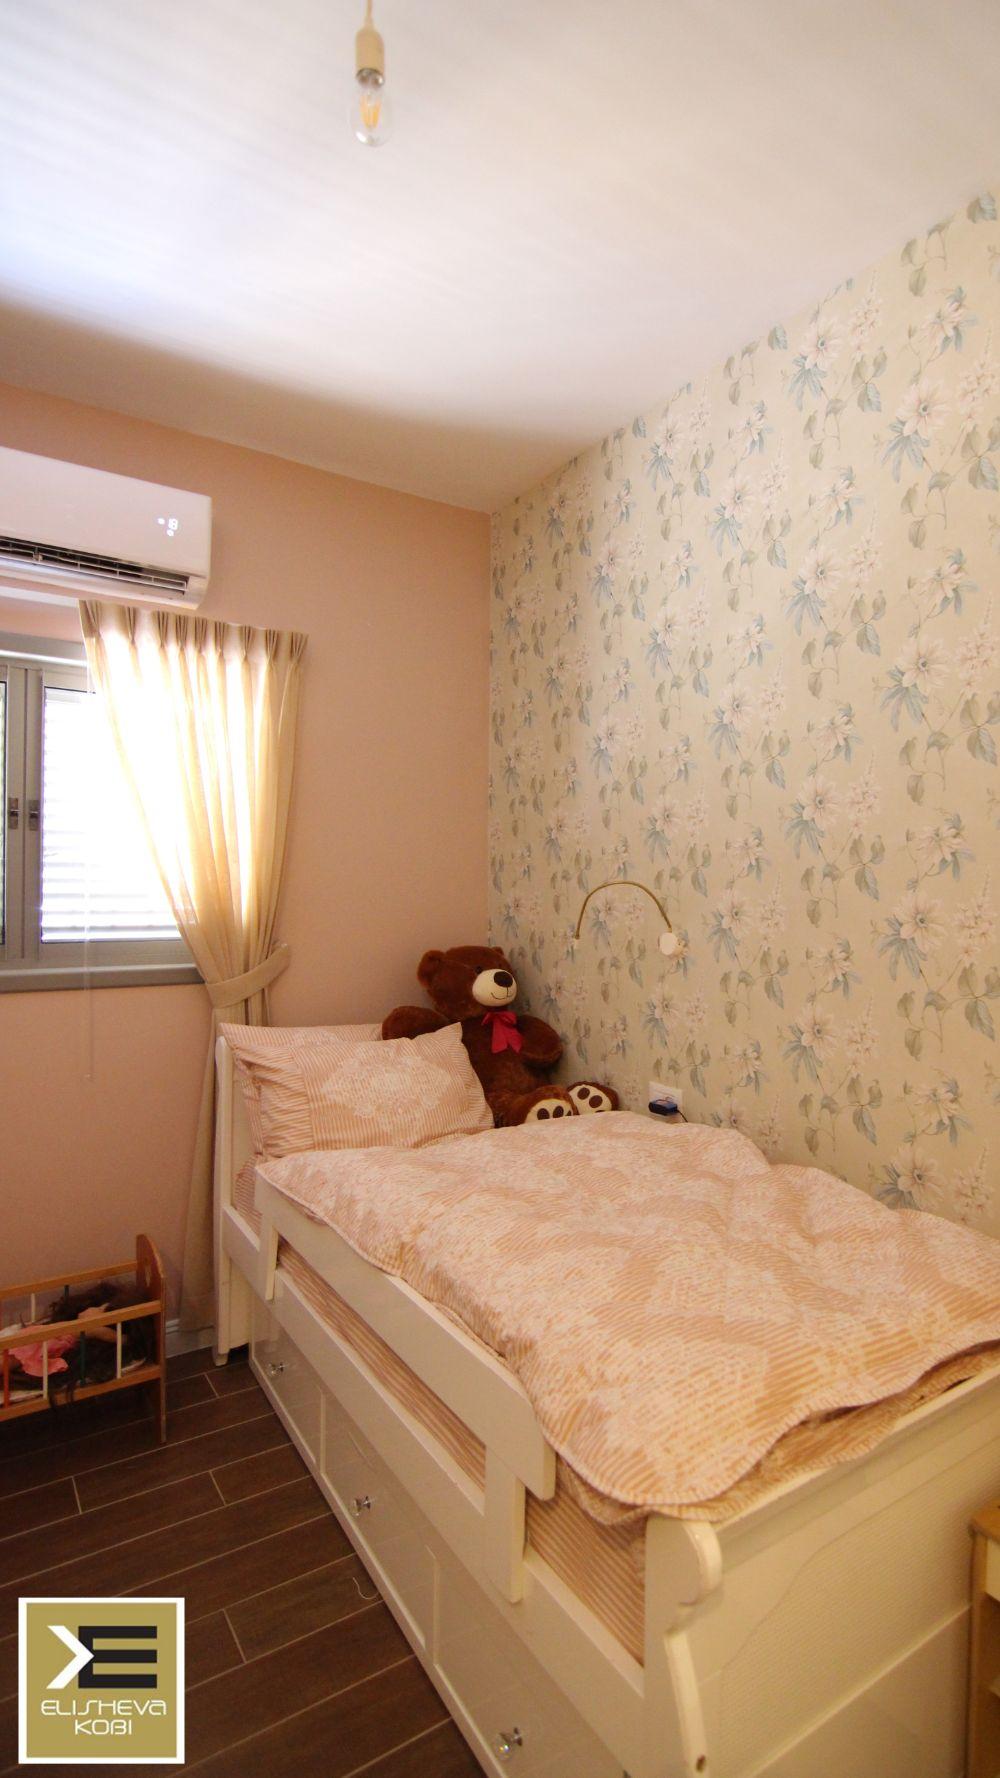 עיצוב פנים חדר ילדים   אדריכלות עיצוב חדר ילדים - חדר ילדים